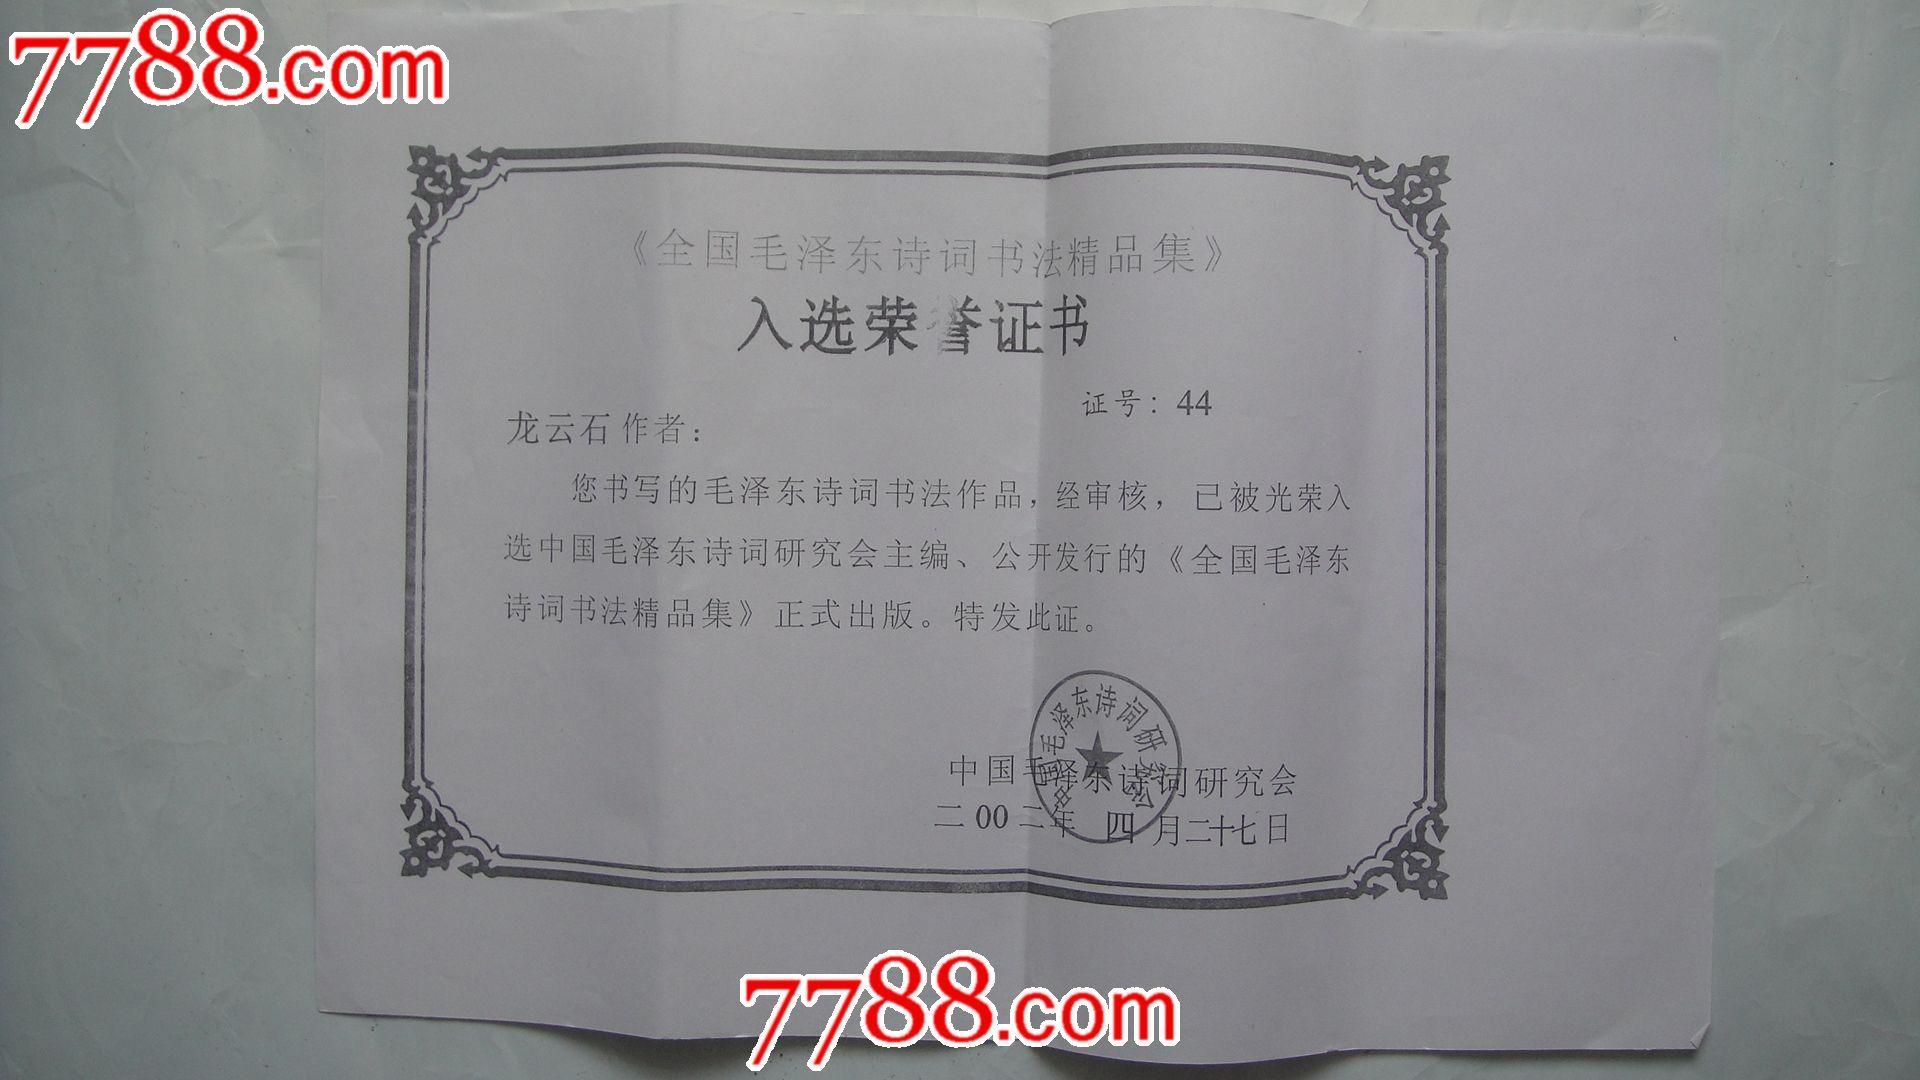 安徽省书法家协会入会申请表(龙云平)带有各类获奖证书复印件图片